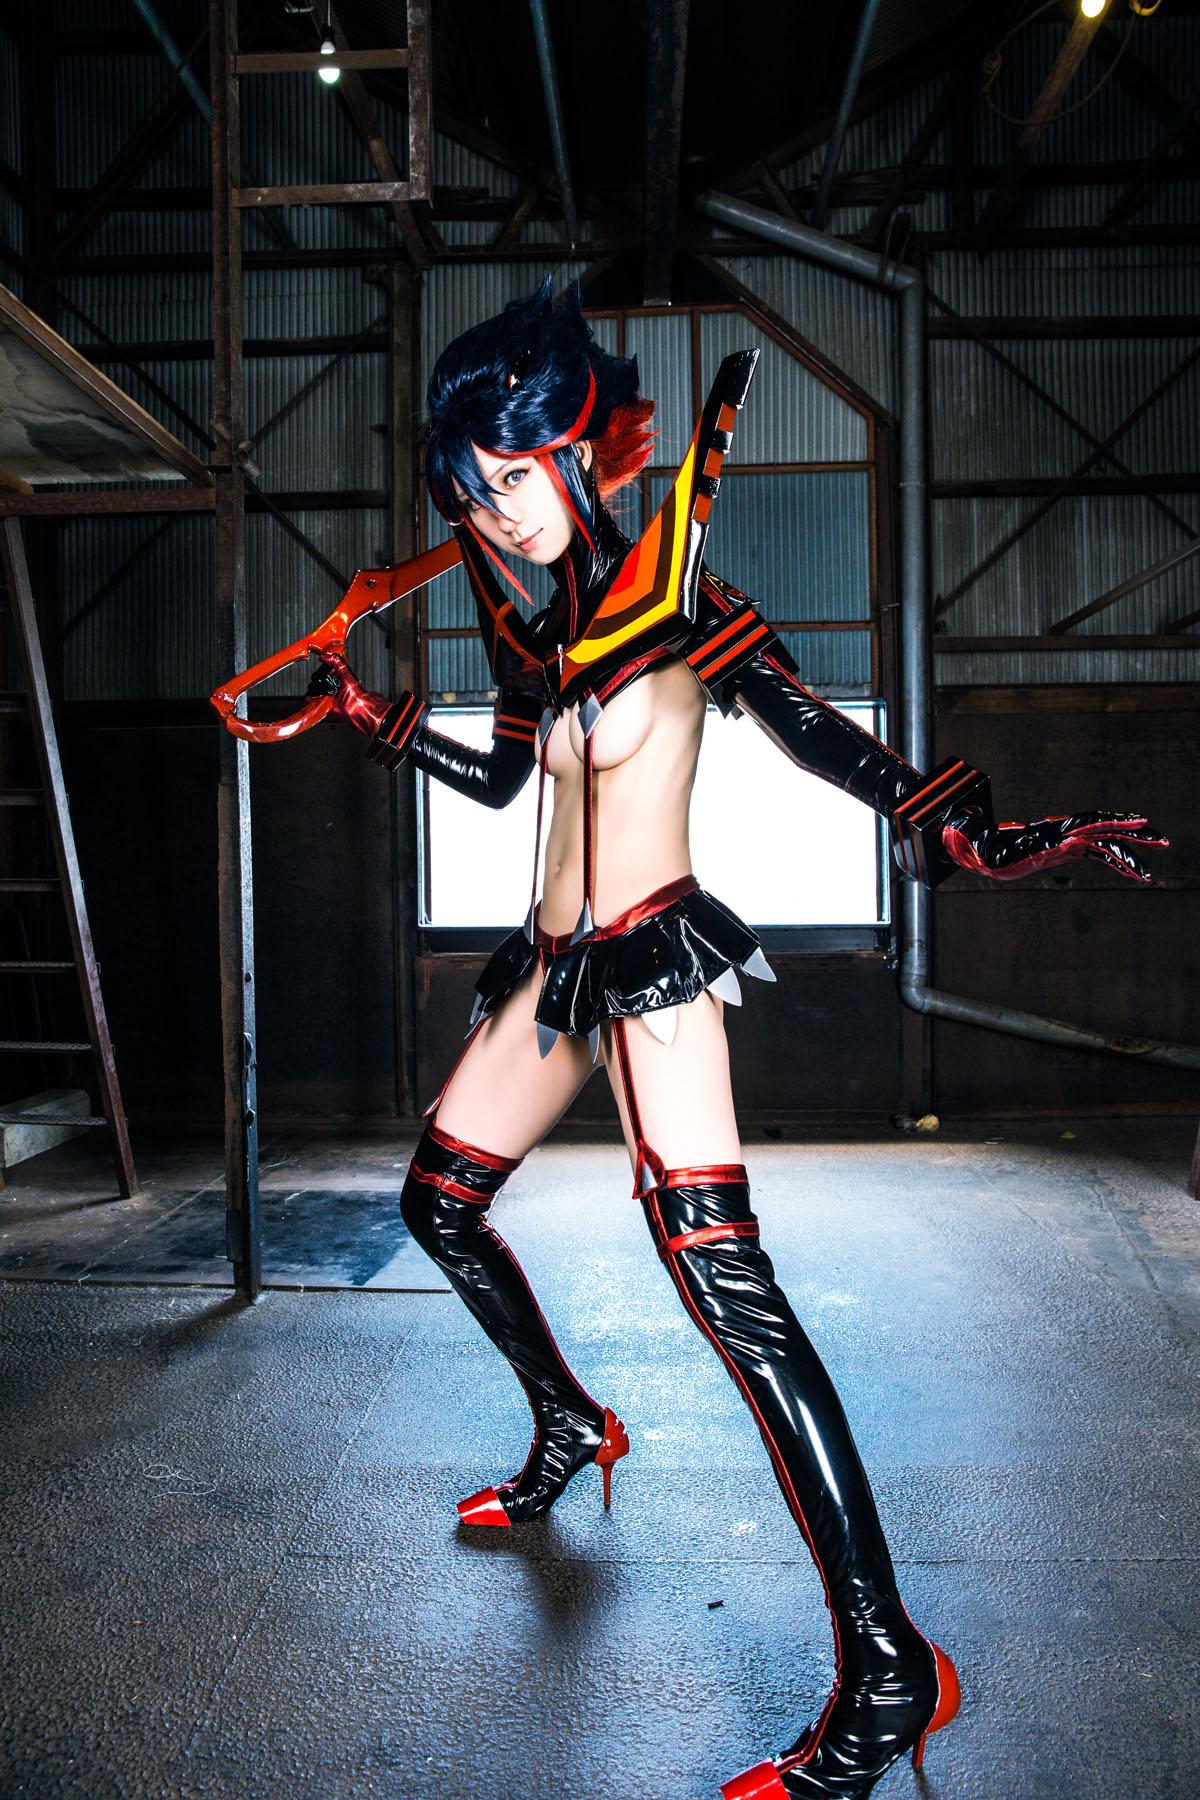 Kill la Kill Ryuuko Matoi anime cosplay by Mikehouse 0006